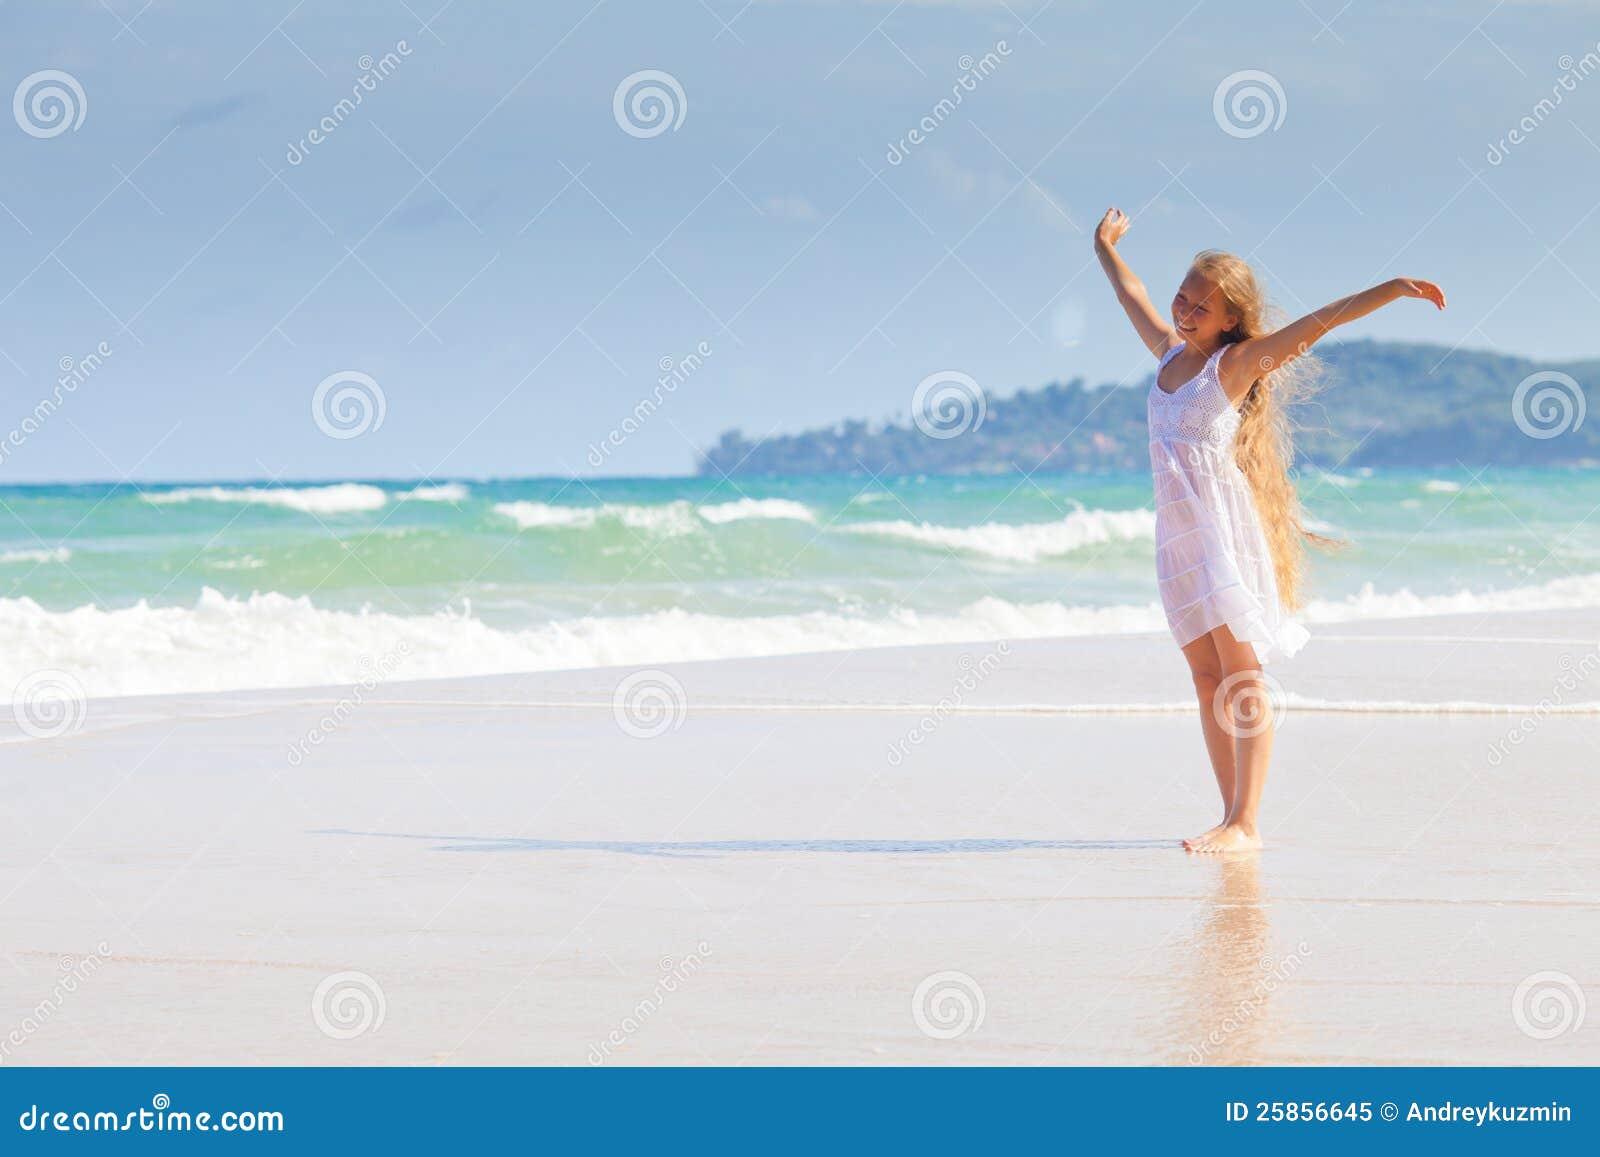 Девушка в белом платье на море фото